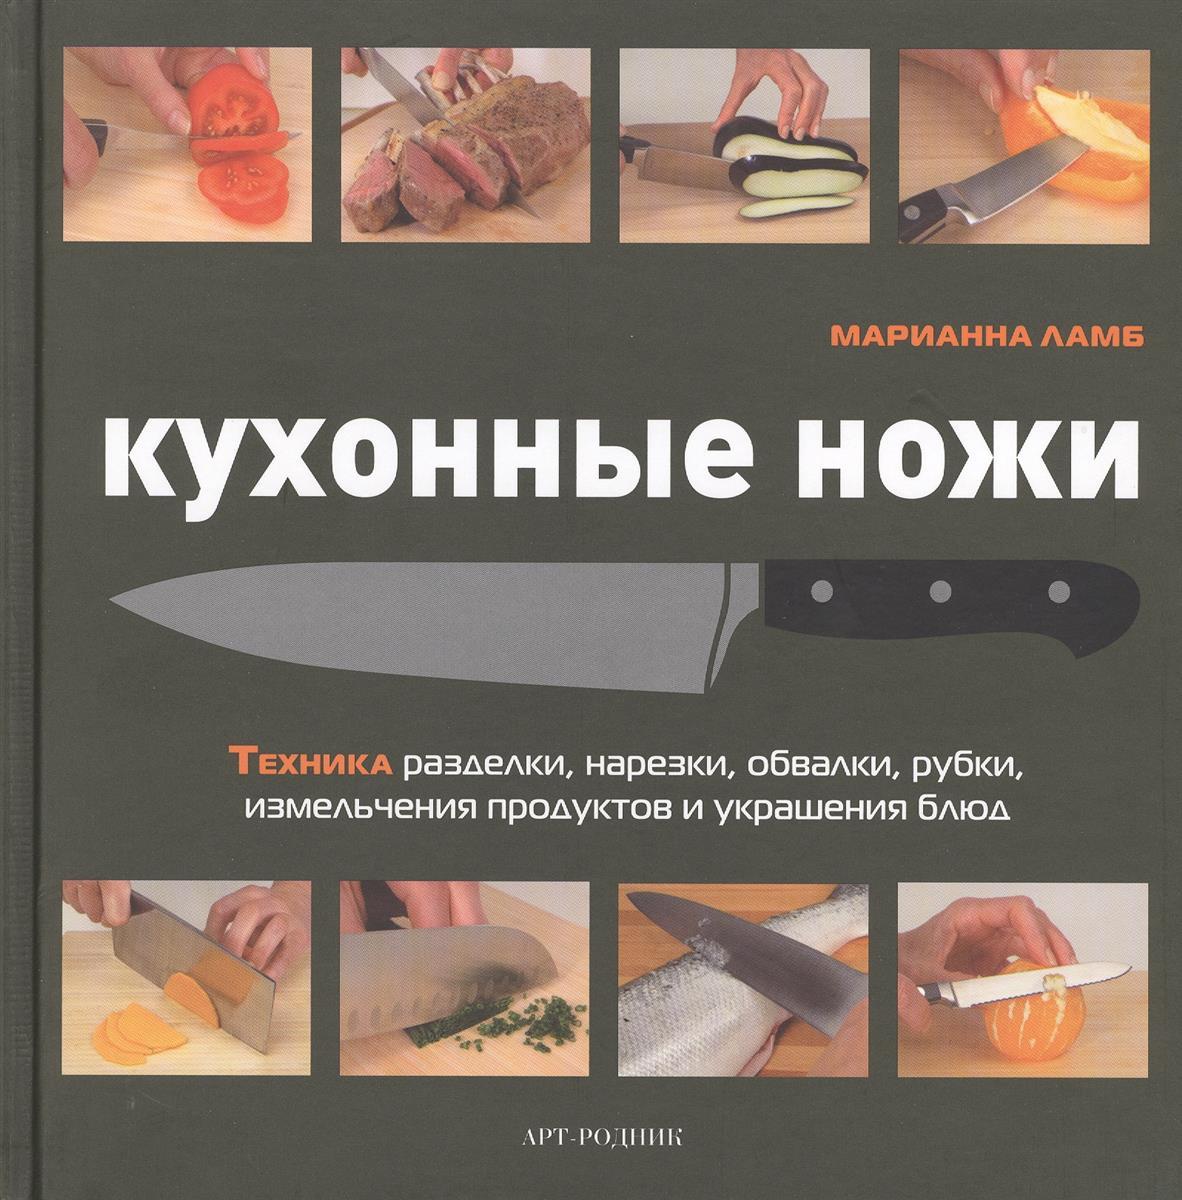 Ламб М. Кухонные ножи. Техника разделки, нарезки, обвалки, рубки, измельчения продуктов и украшения блюд